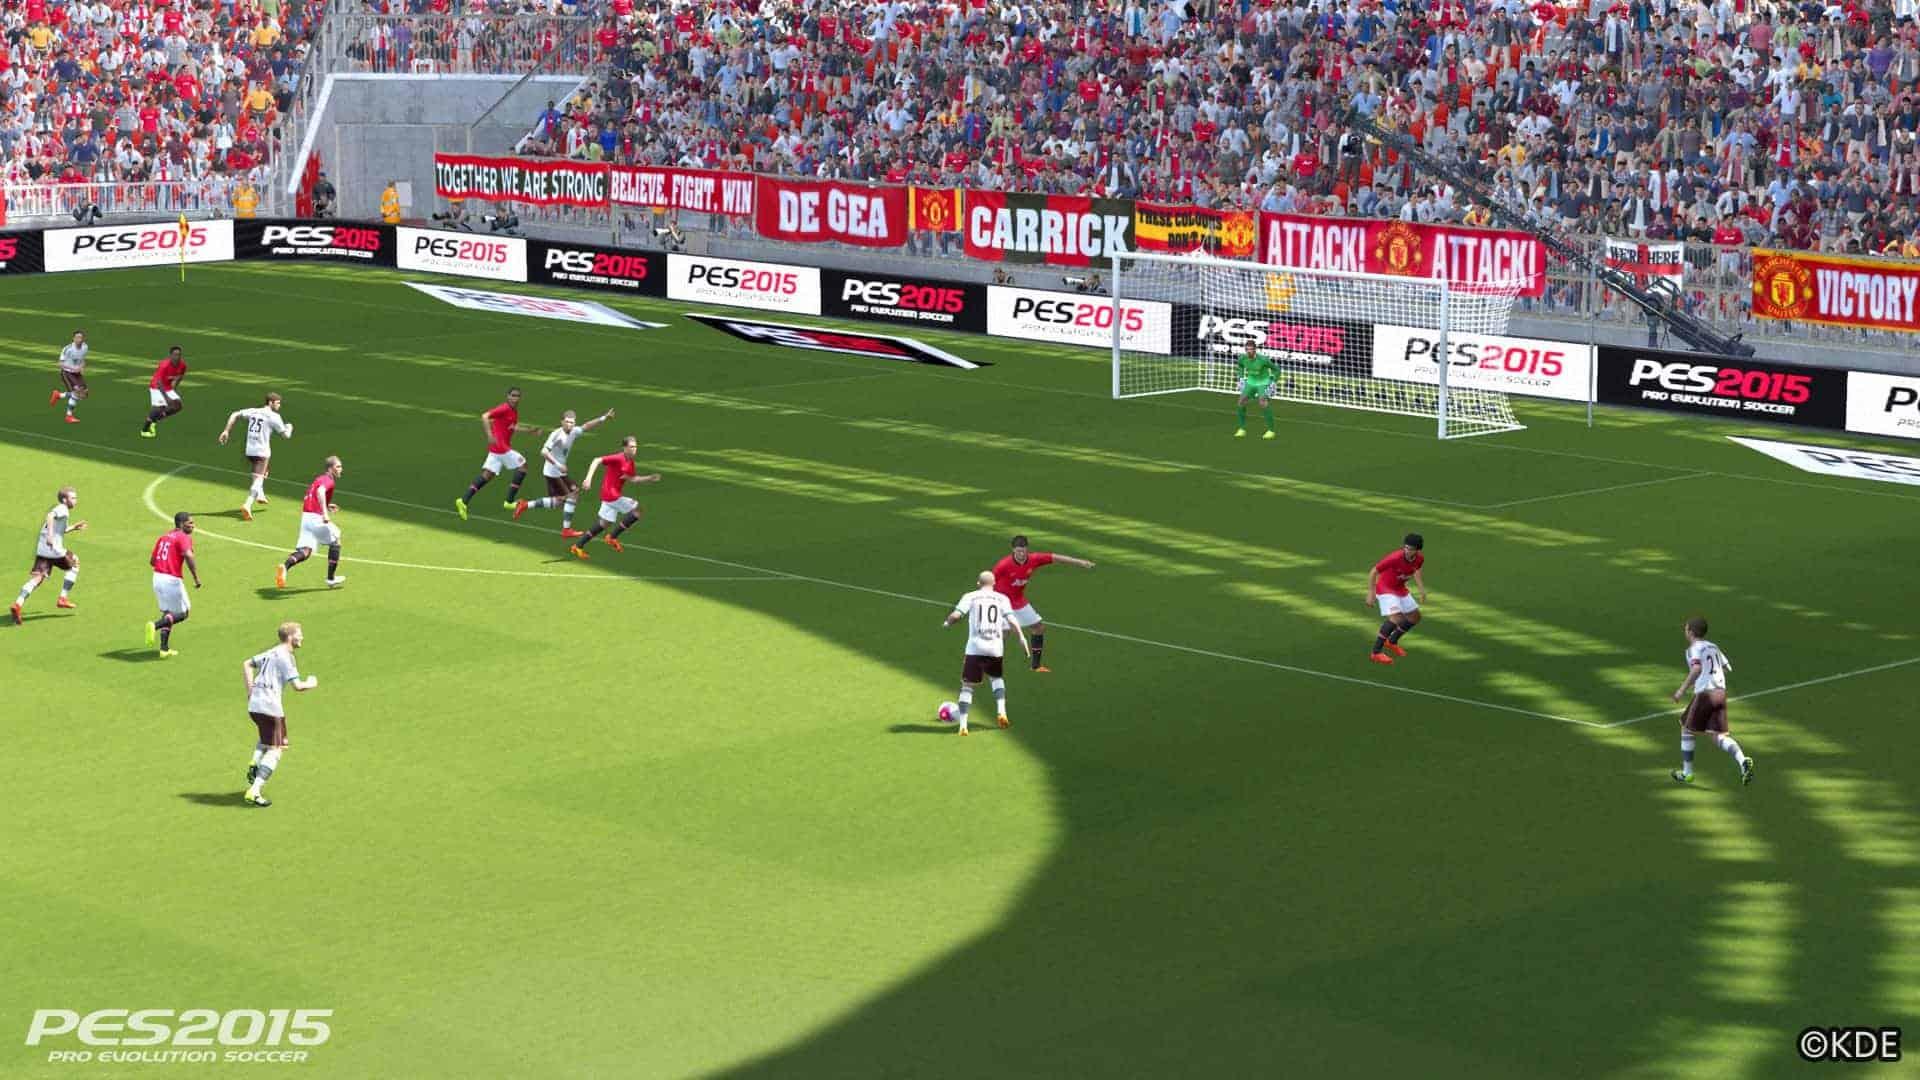 Pro evolution soccer 2015 pc download full setup + working crack.